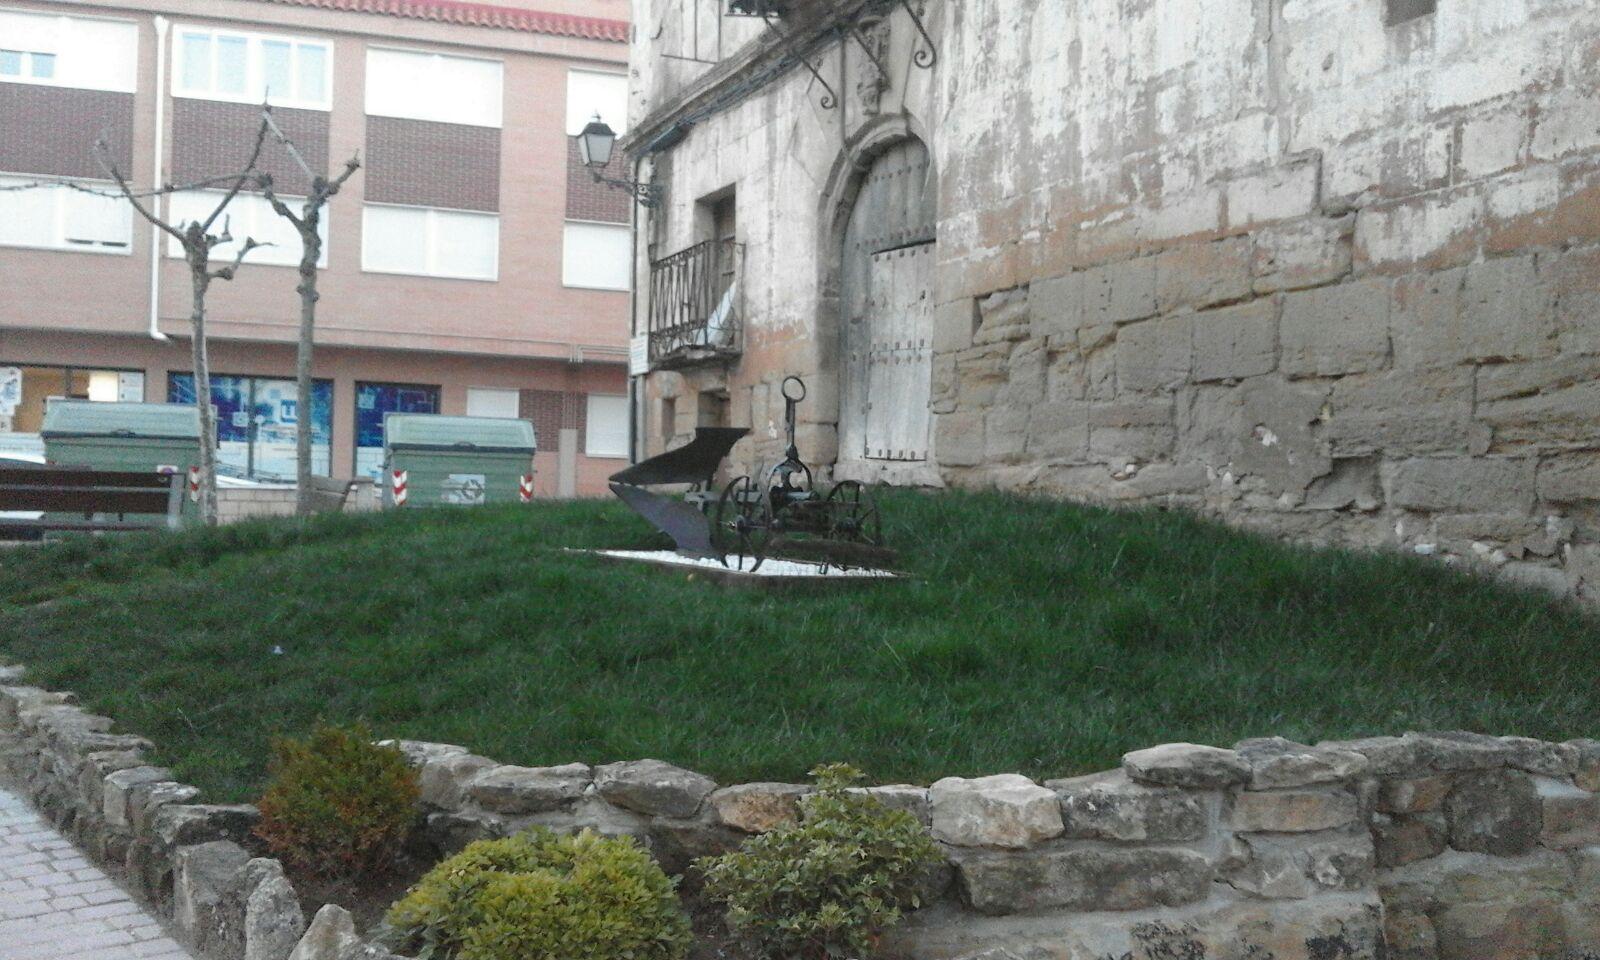 Reformas en casas antiguas - Reformas de casas antiguas ...